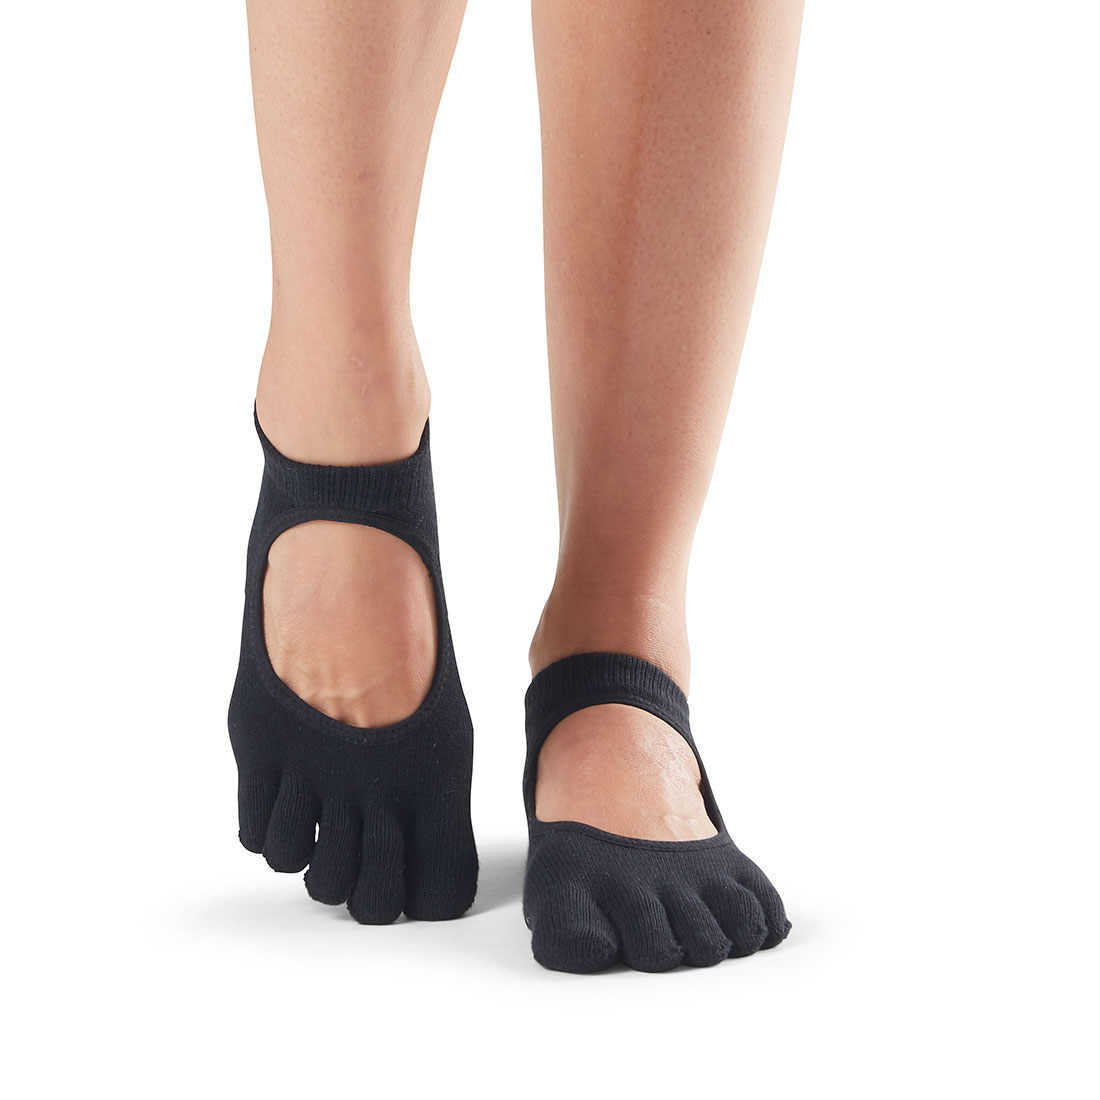 Yogasocken ToeSox Bellarina Full Toe Black - 1